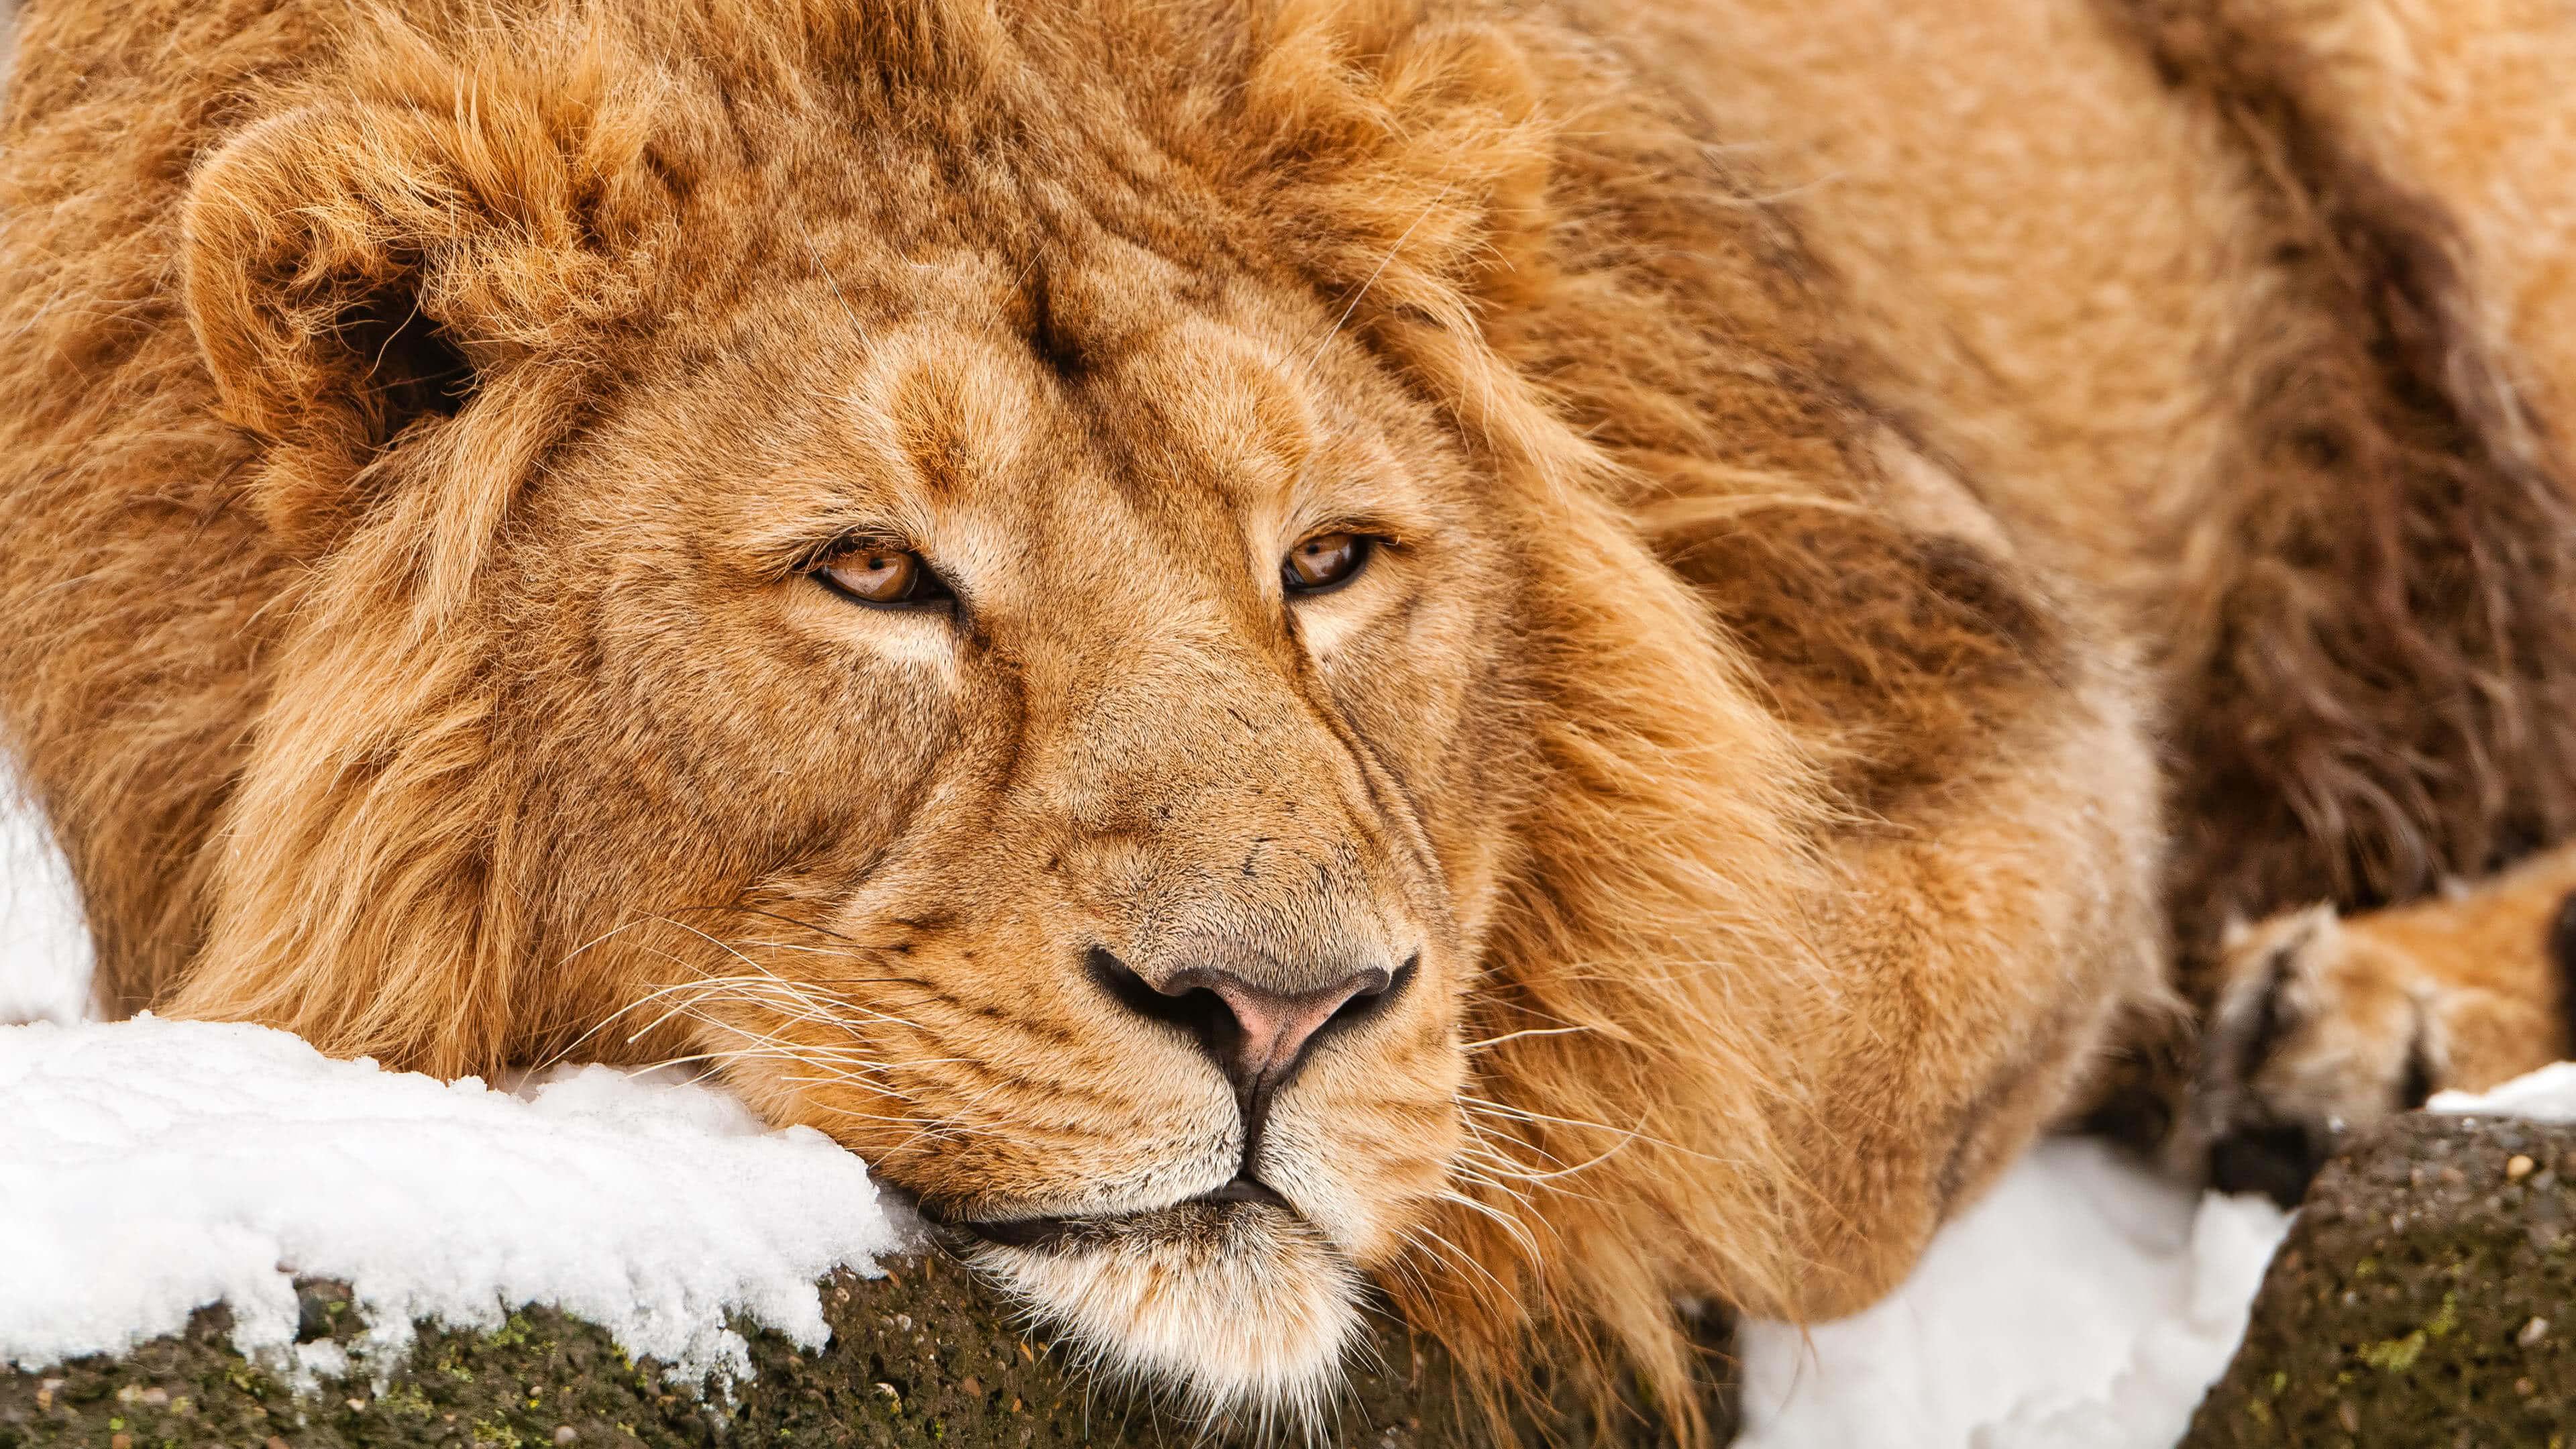 lazy lion 4k wallpaper